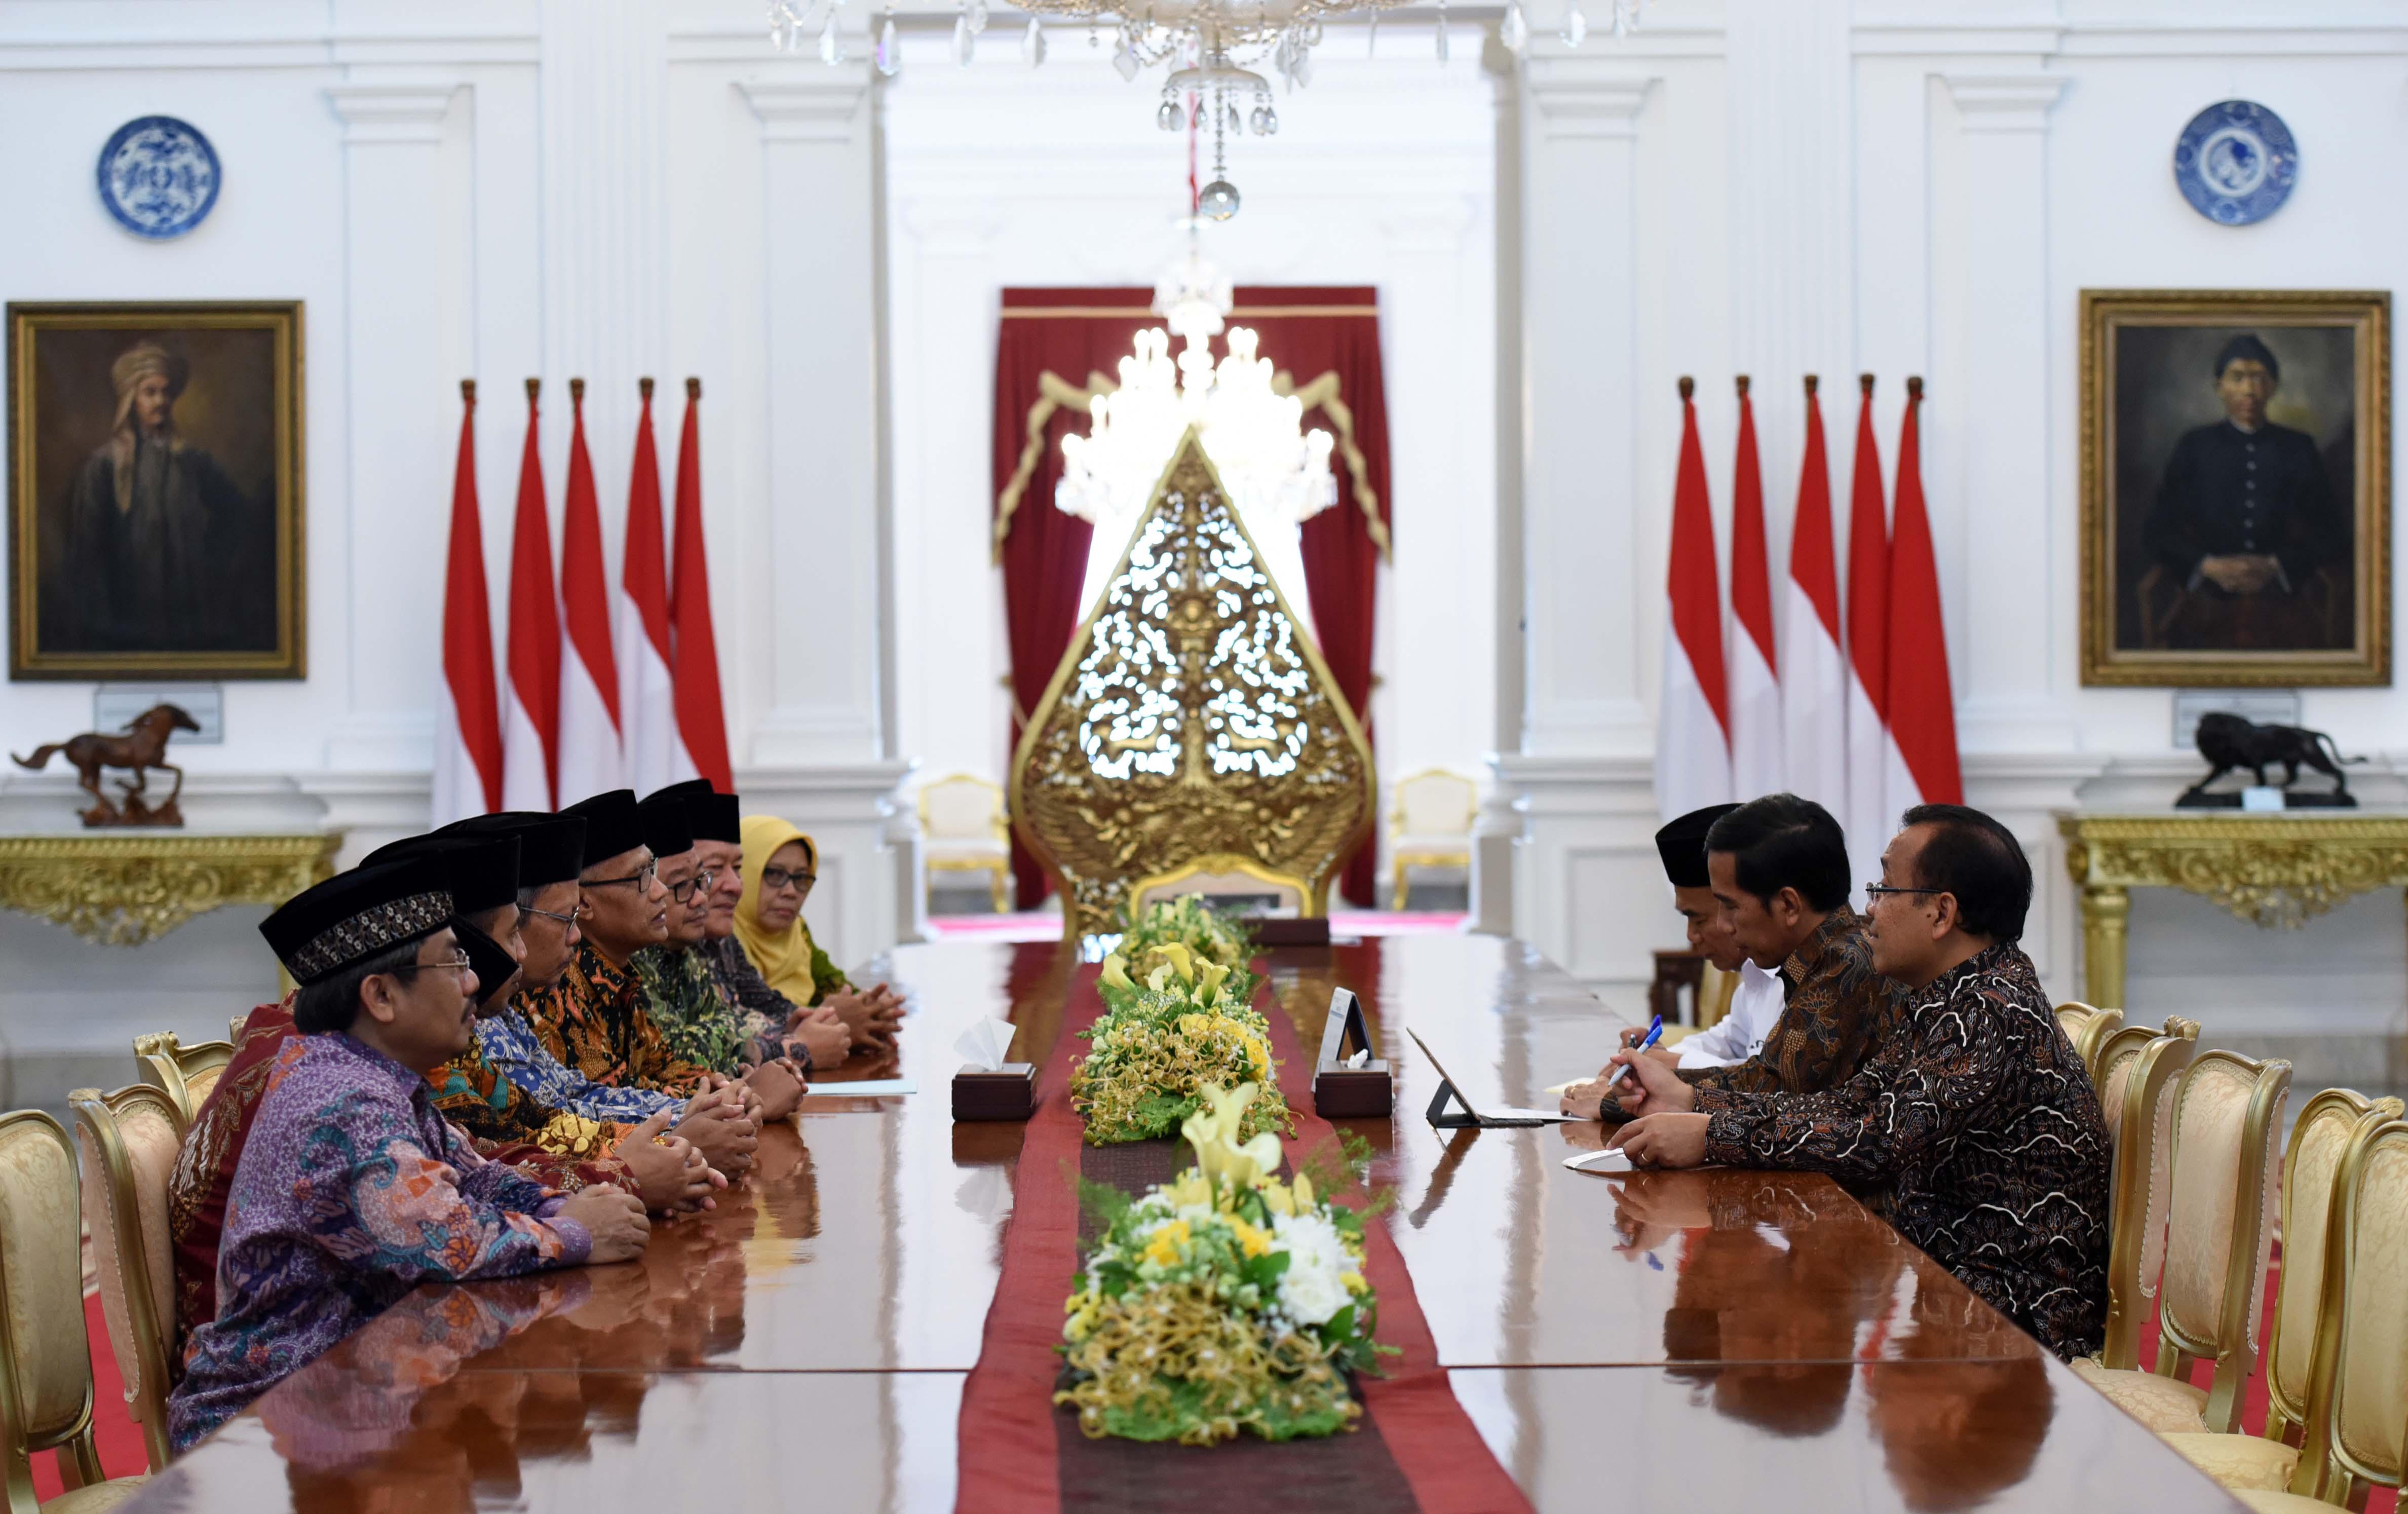 Presiden Jokowi menerima PP Muhammadiyah, di Istana Merdeka, Jakarta, Senin (13/2) sore. (Foto: Humas/Jay)